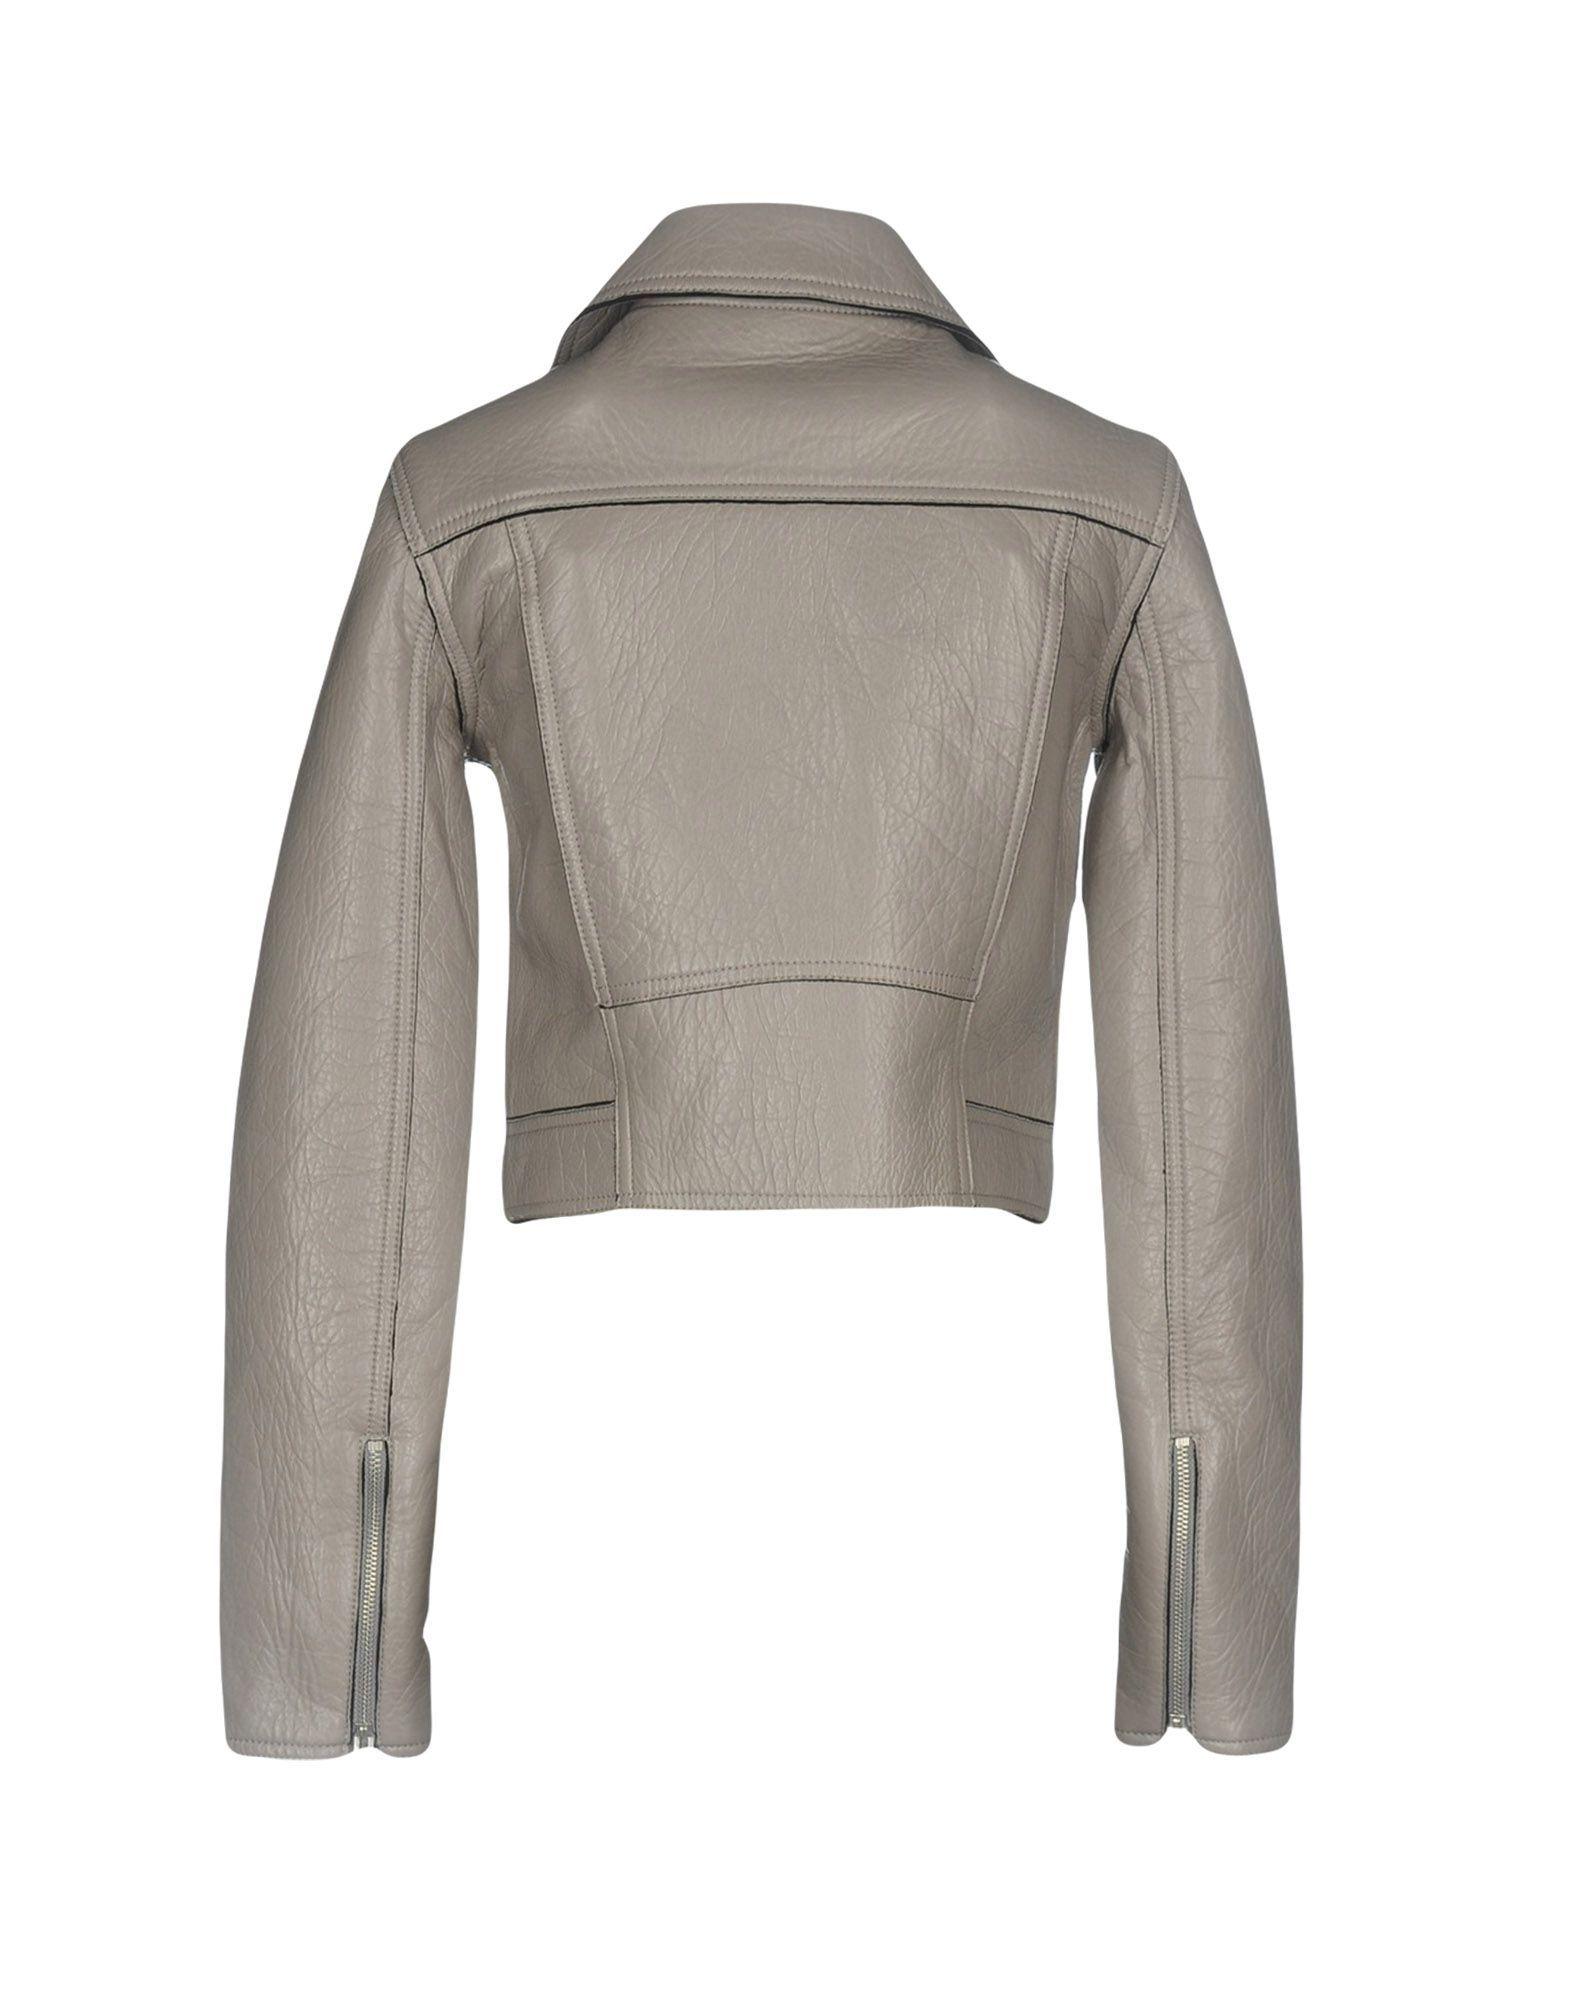 Alexanderwang.T Grey Lambskin Leather Biker Jacket